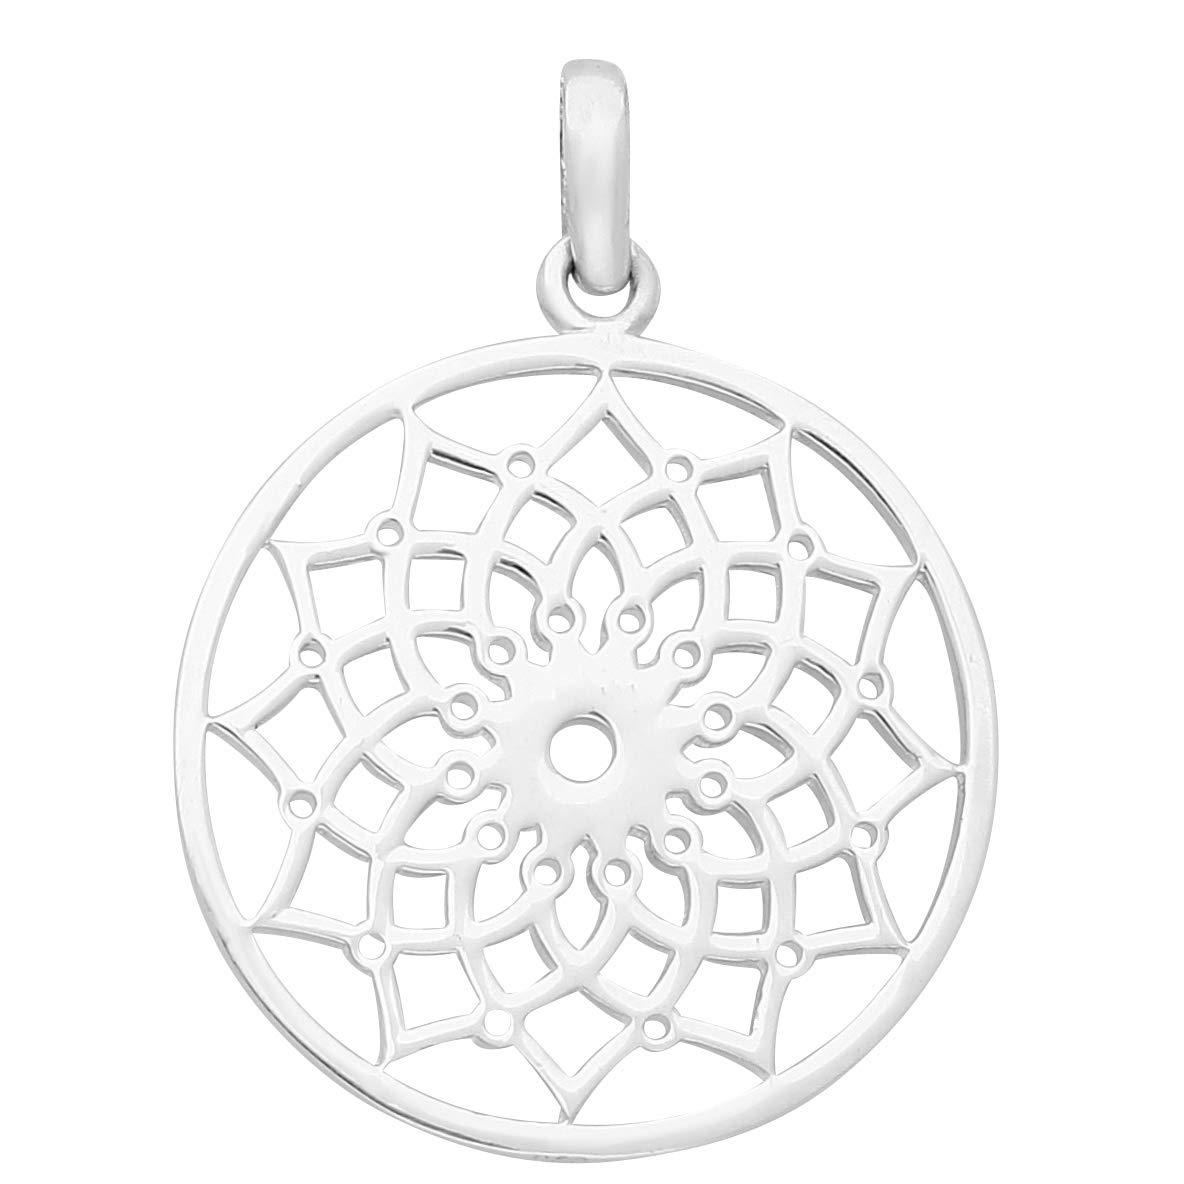 schmuxxi Blume des Lebens 925 Sterling Silber Anhänger für Damen Filigran Klassisch Flach Rund 25mm Silver 2013-6183